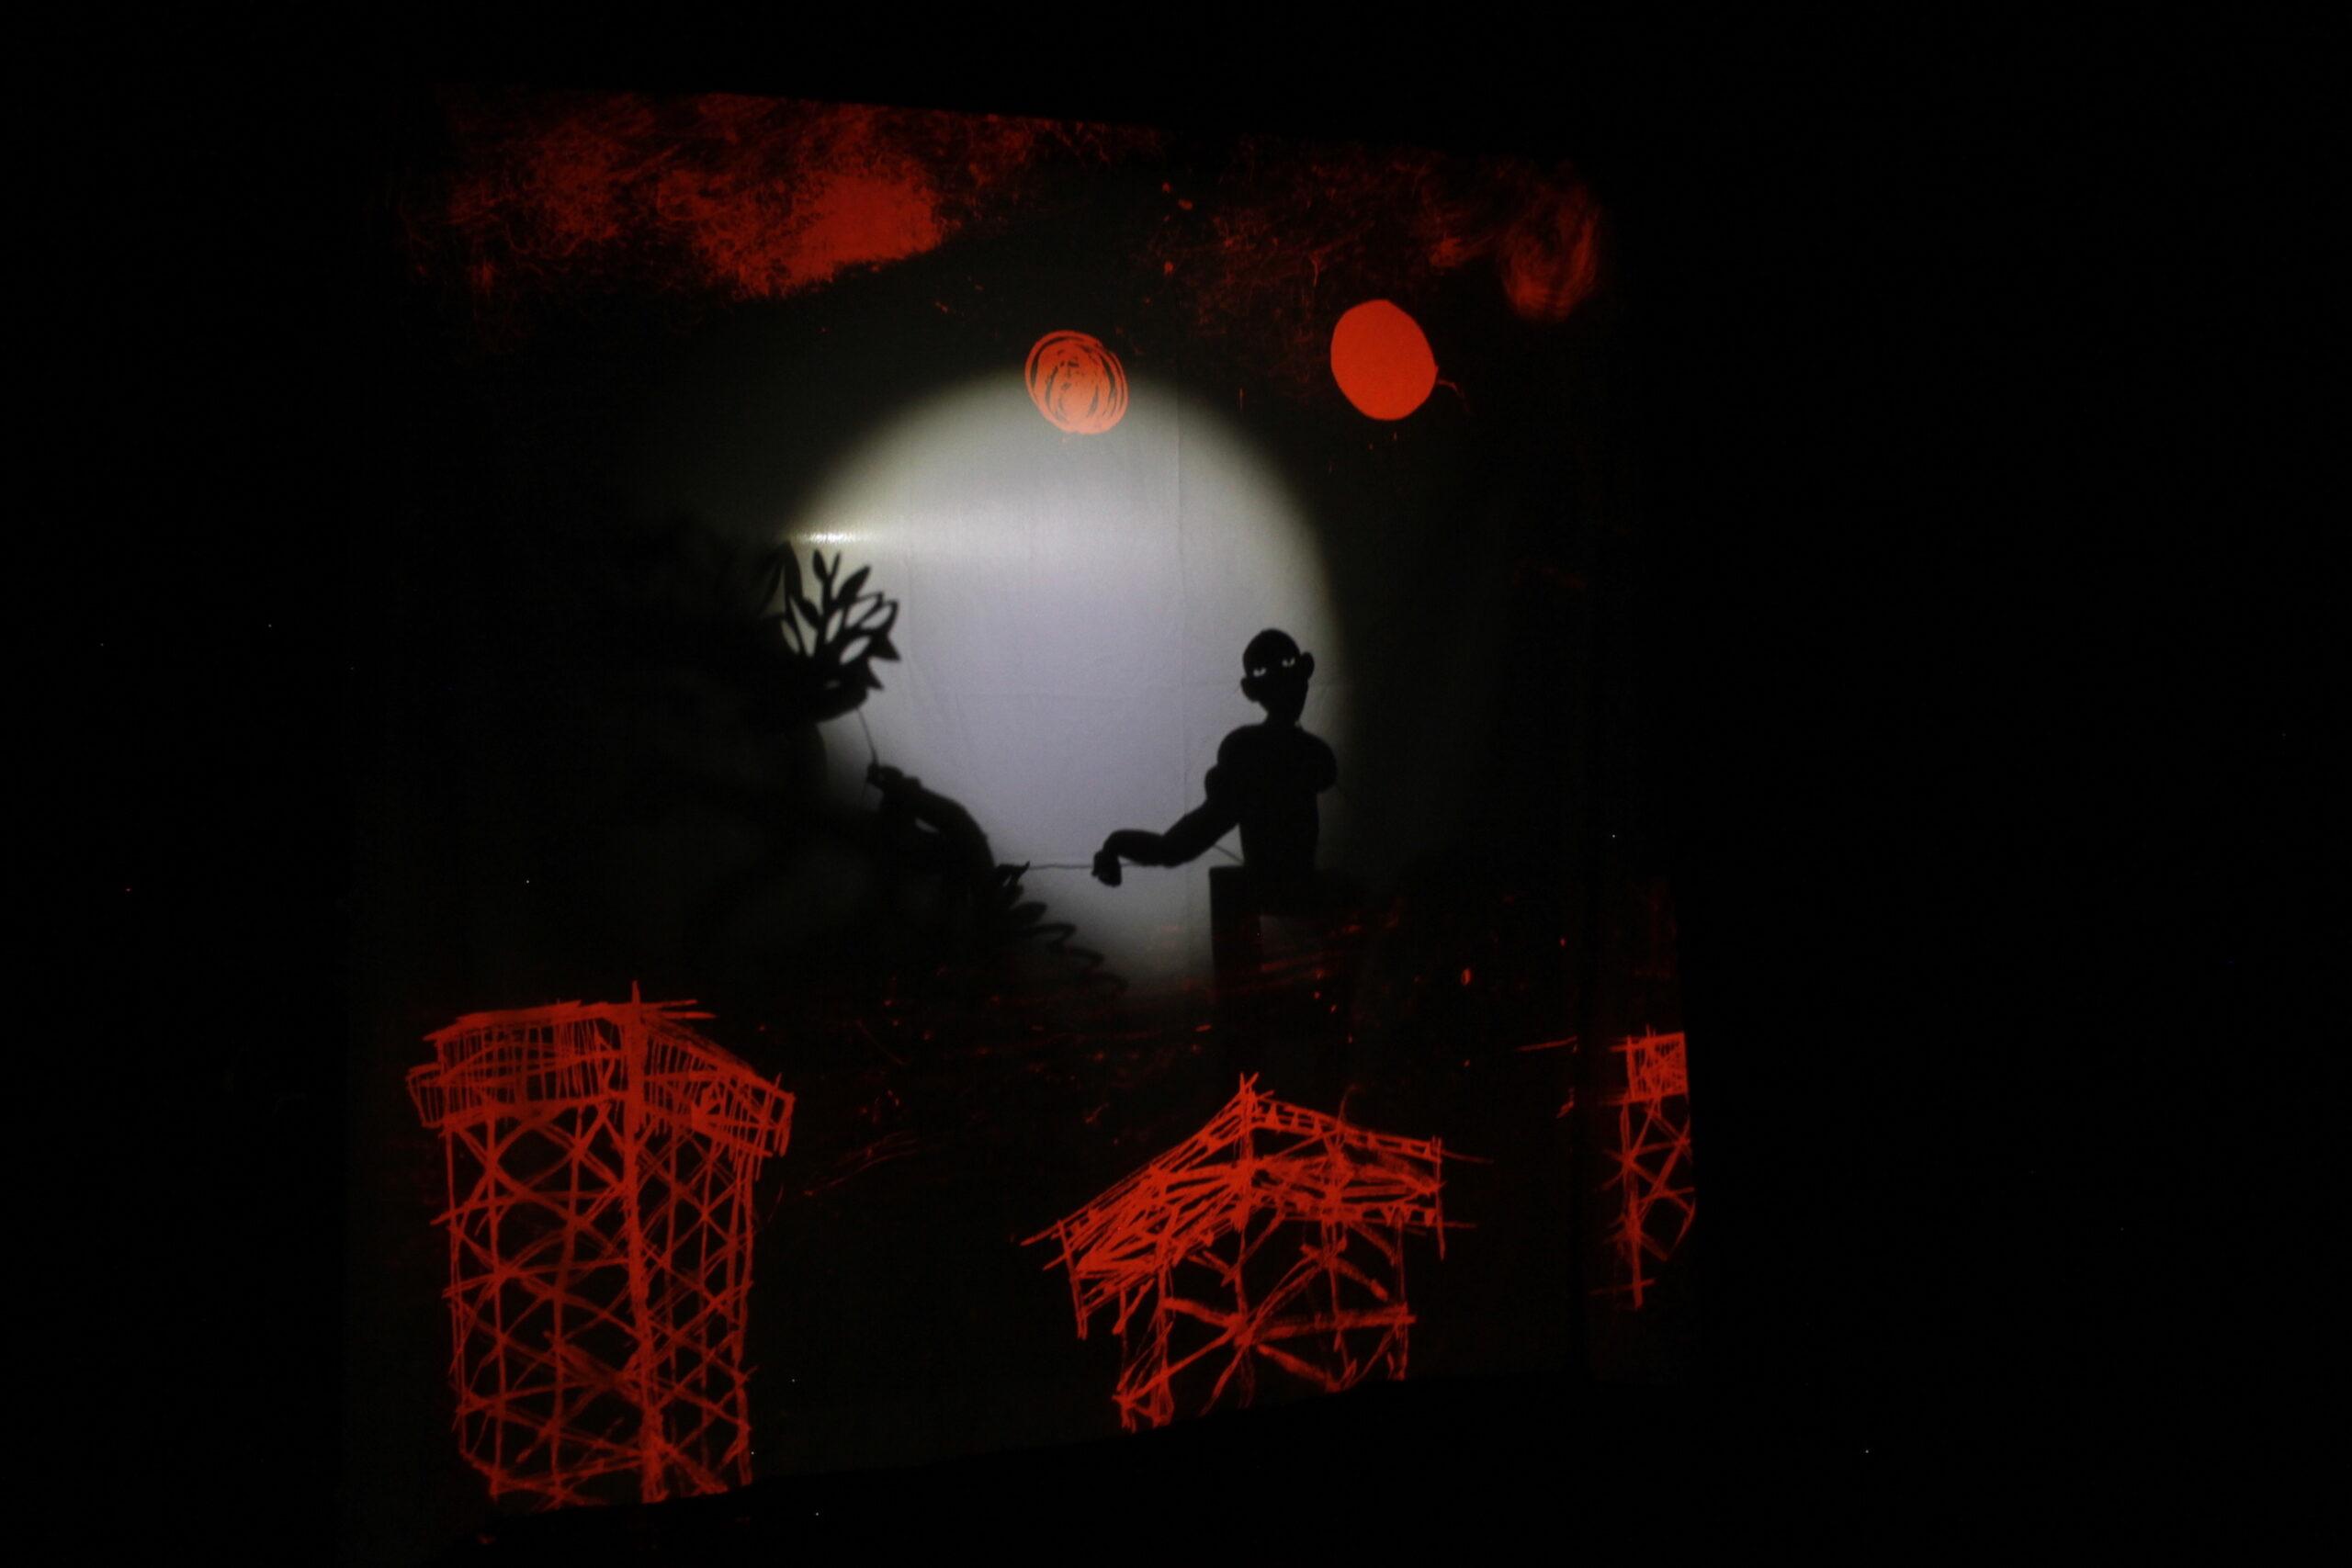 Théâtre d'ombres Tarakeeb et atelier jeunesse Médiathèque Marguerite Duras Paris